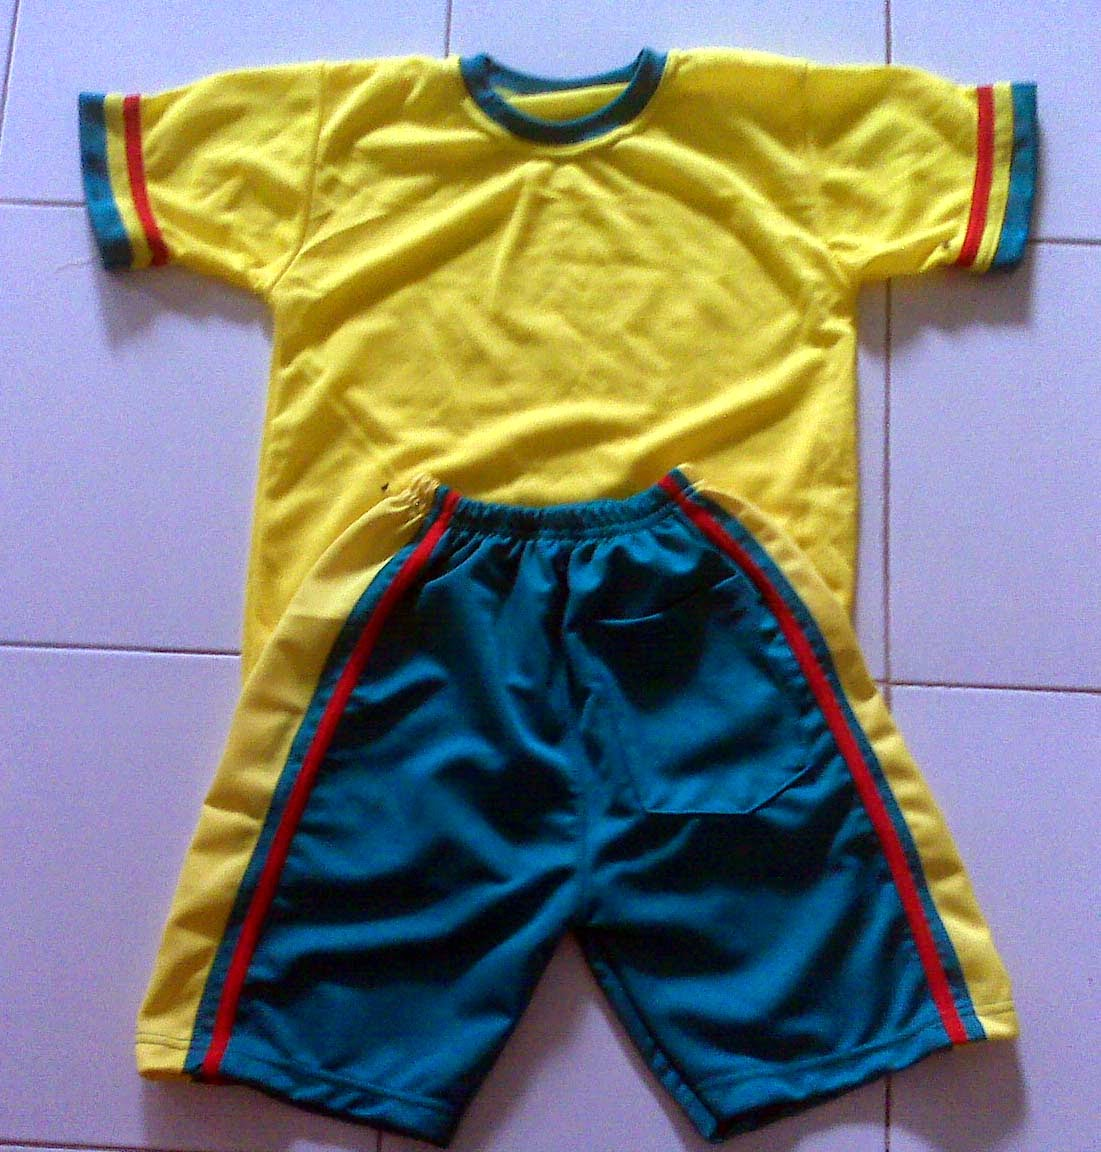 Konveksi & Grosir Kaos Olahraga Ready Stock SD Murah